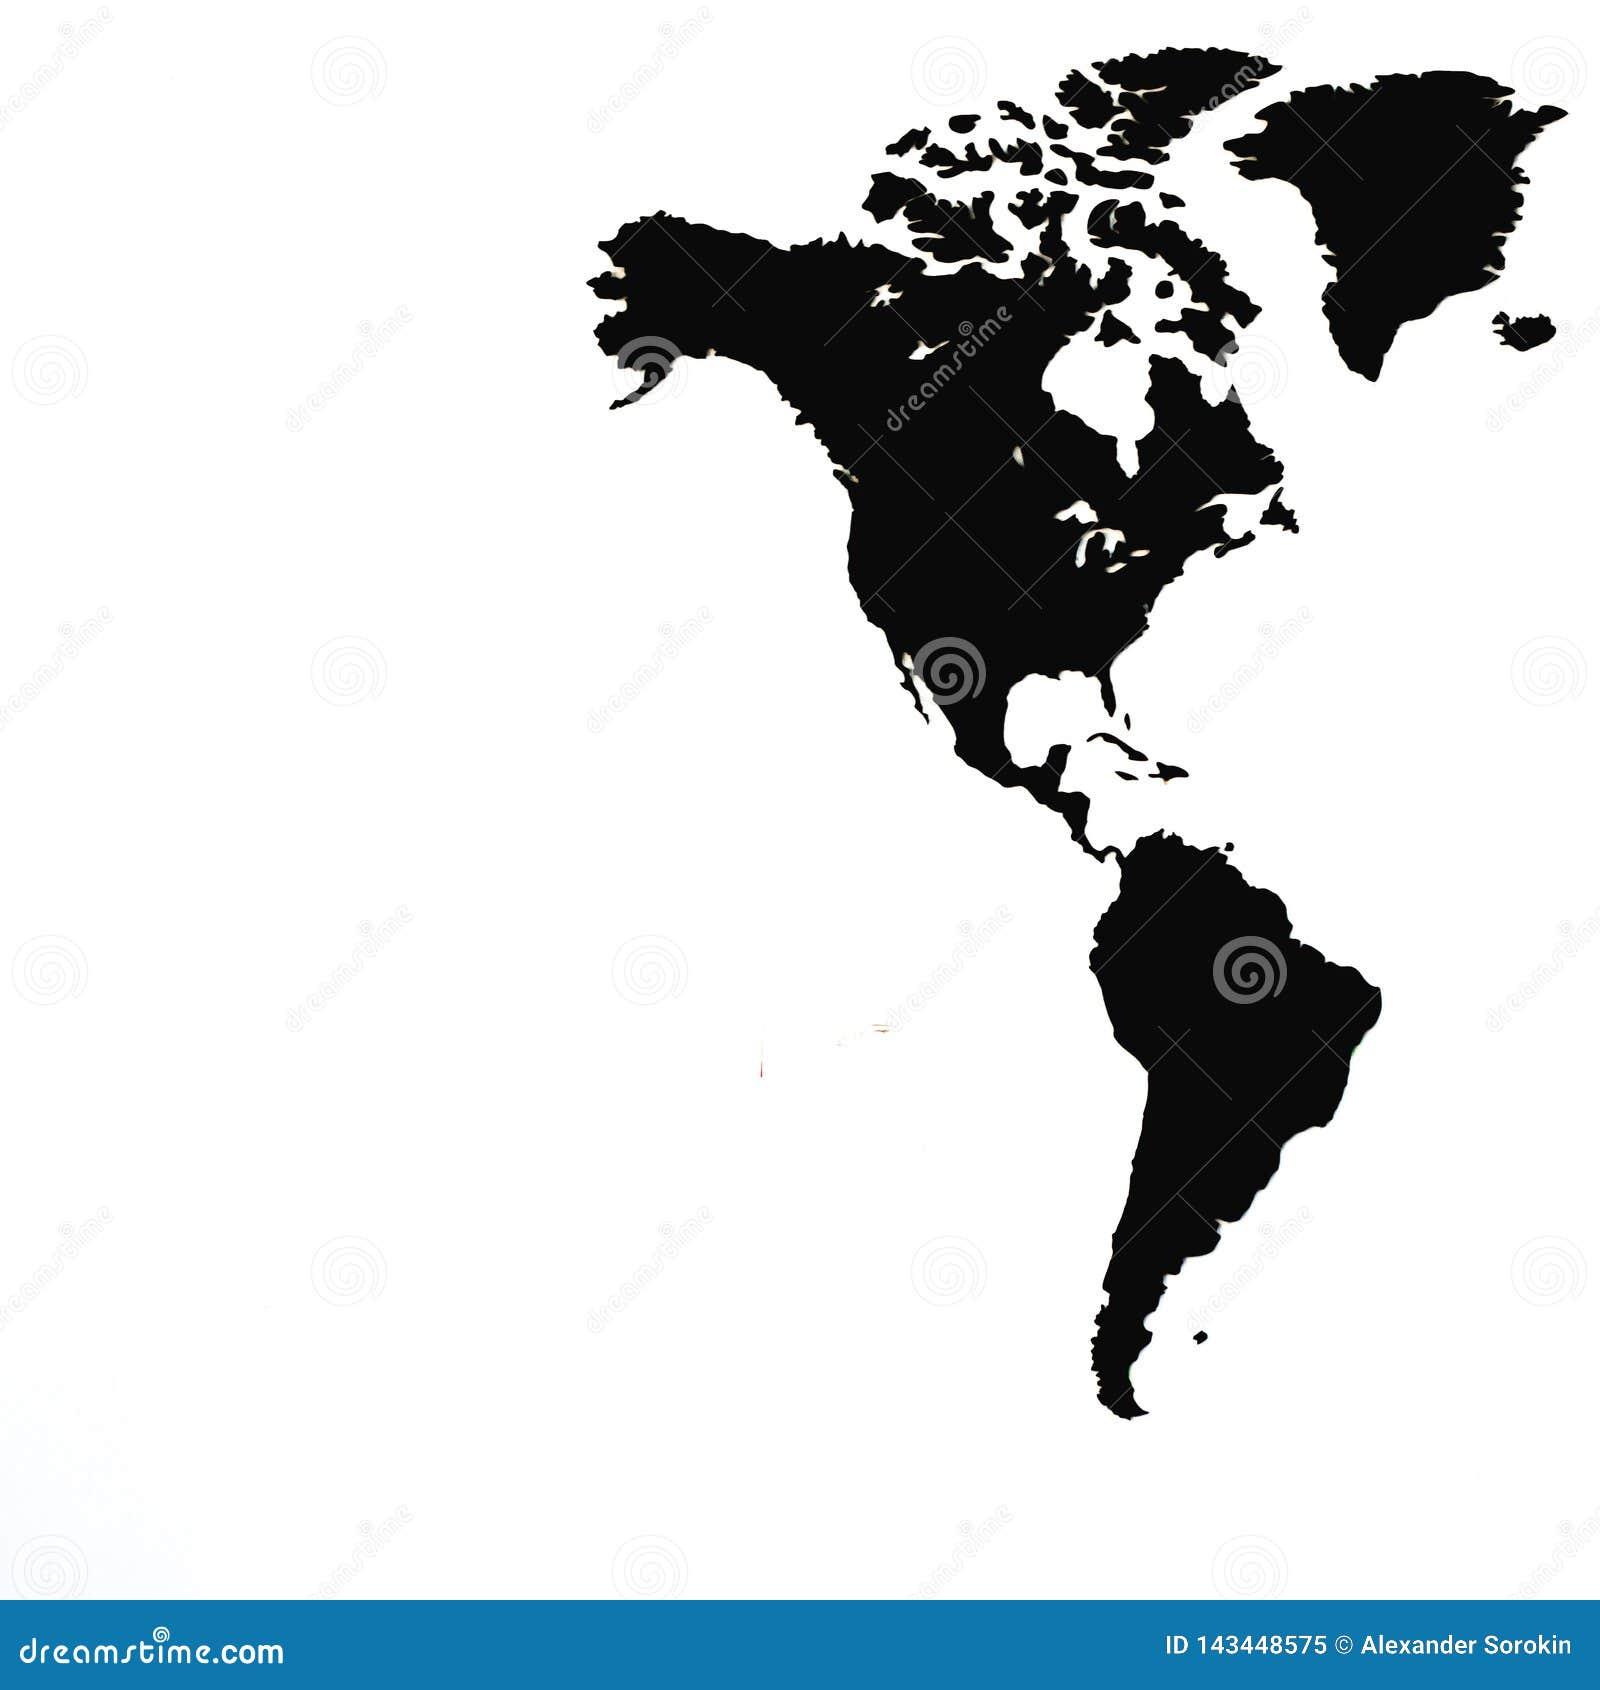 Weltkarte oder Karte der Welt